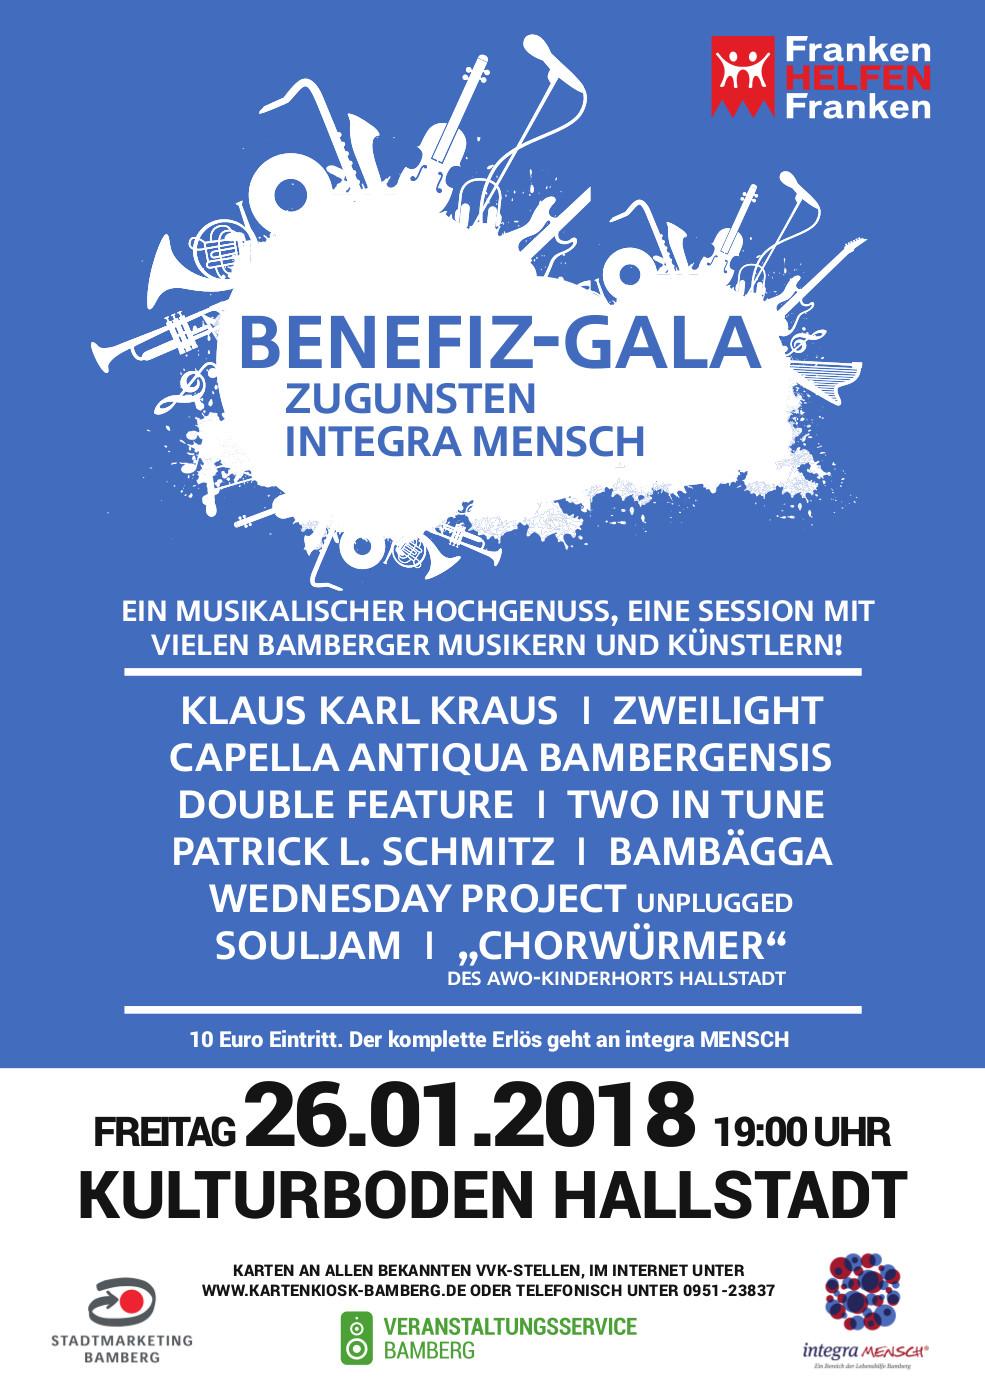 Veranstaltungsservice Bamberg GmbH | Über uns